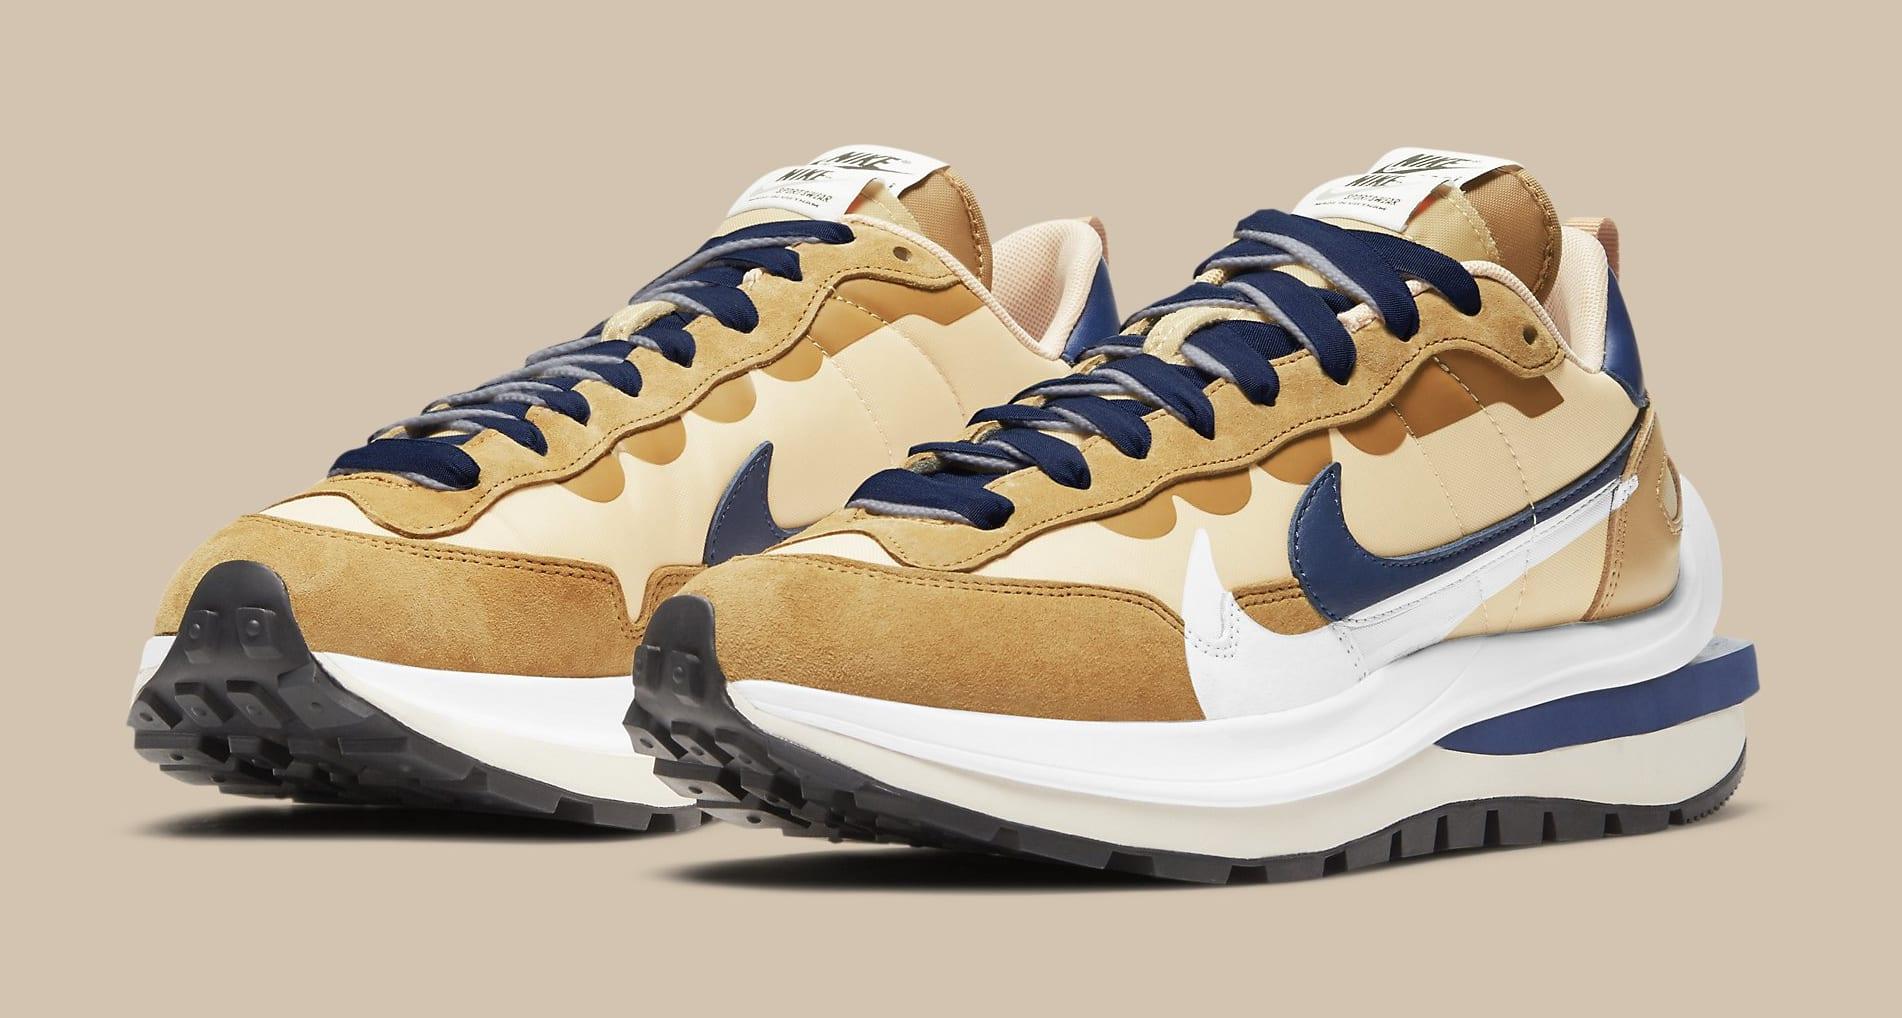 Sacai x Nike VaporWaffle 'Sesame/Blue Void' DD1875-200 Pair